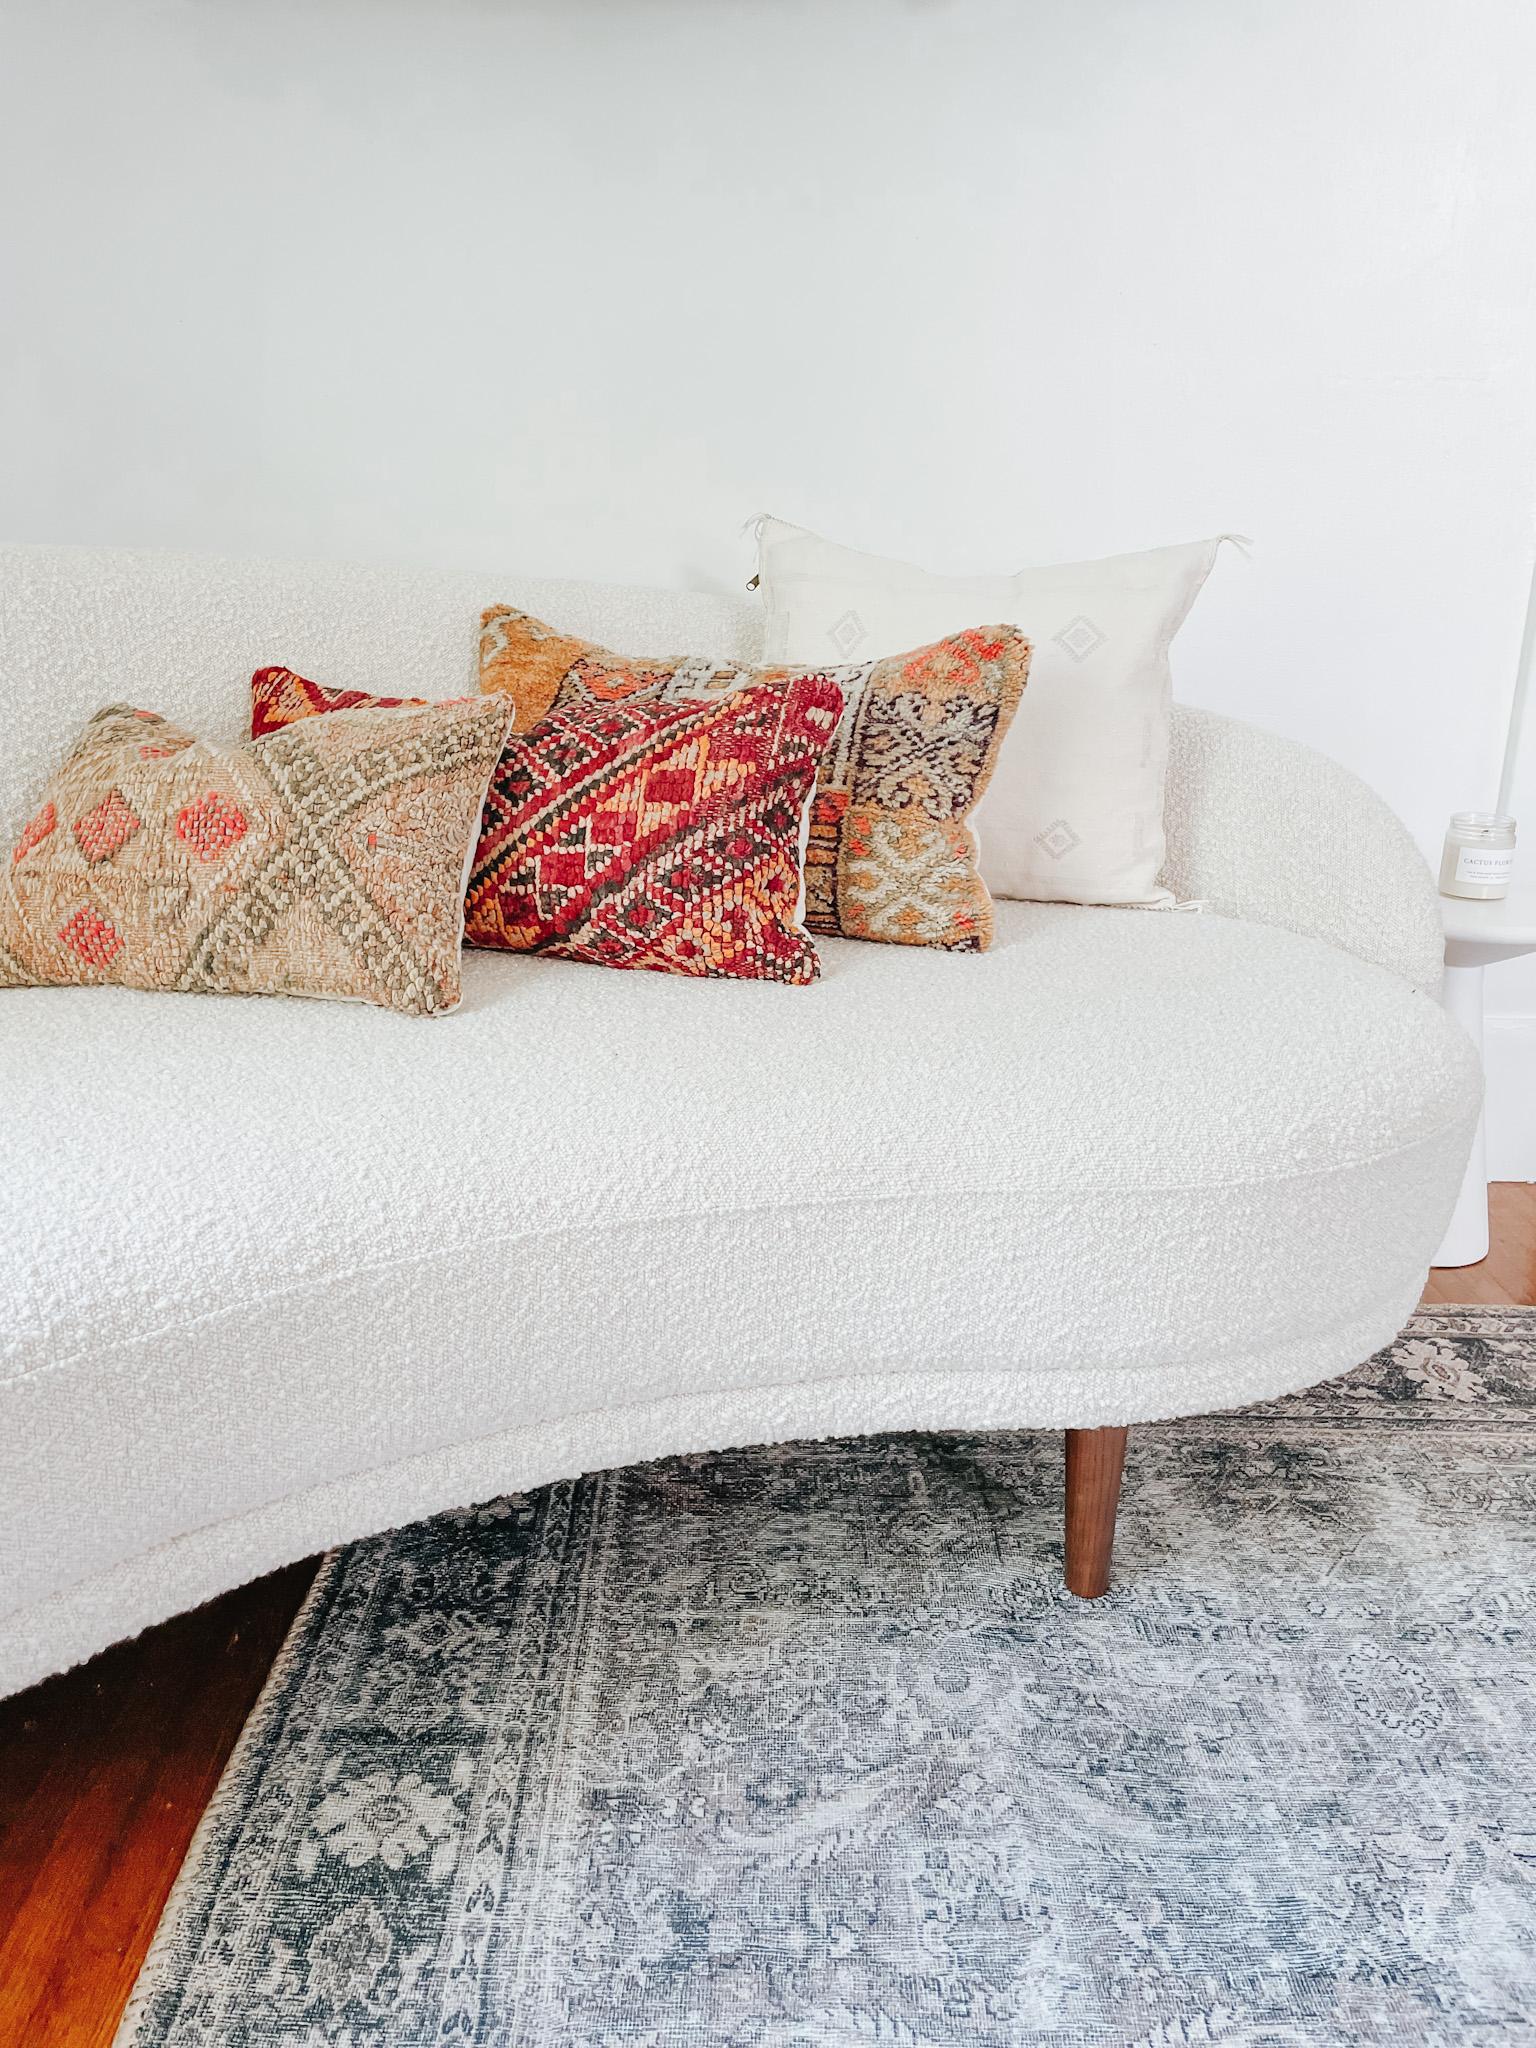 New Shop Lucky Collective Pillows